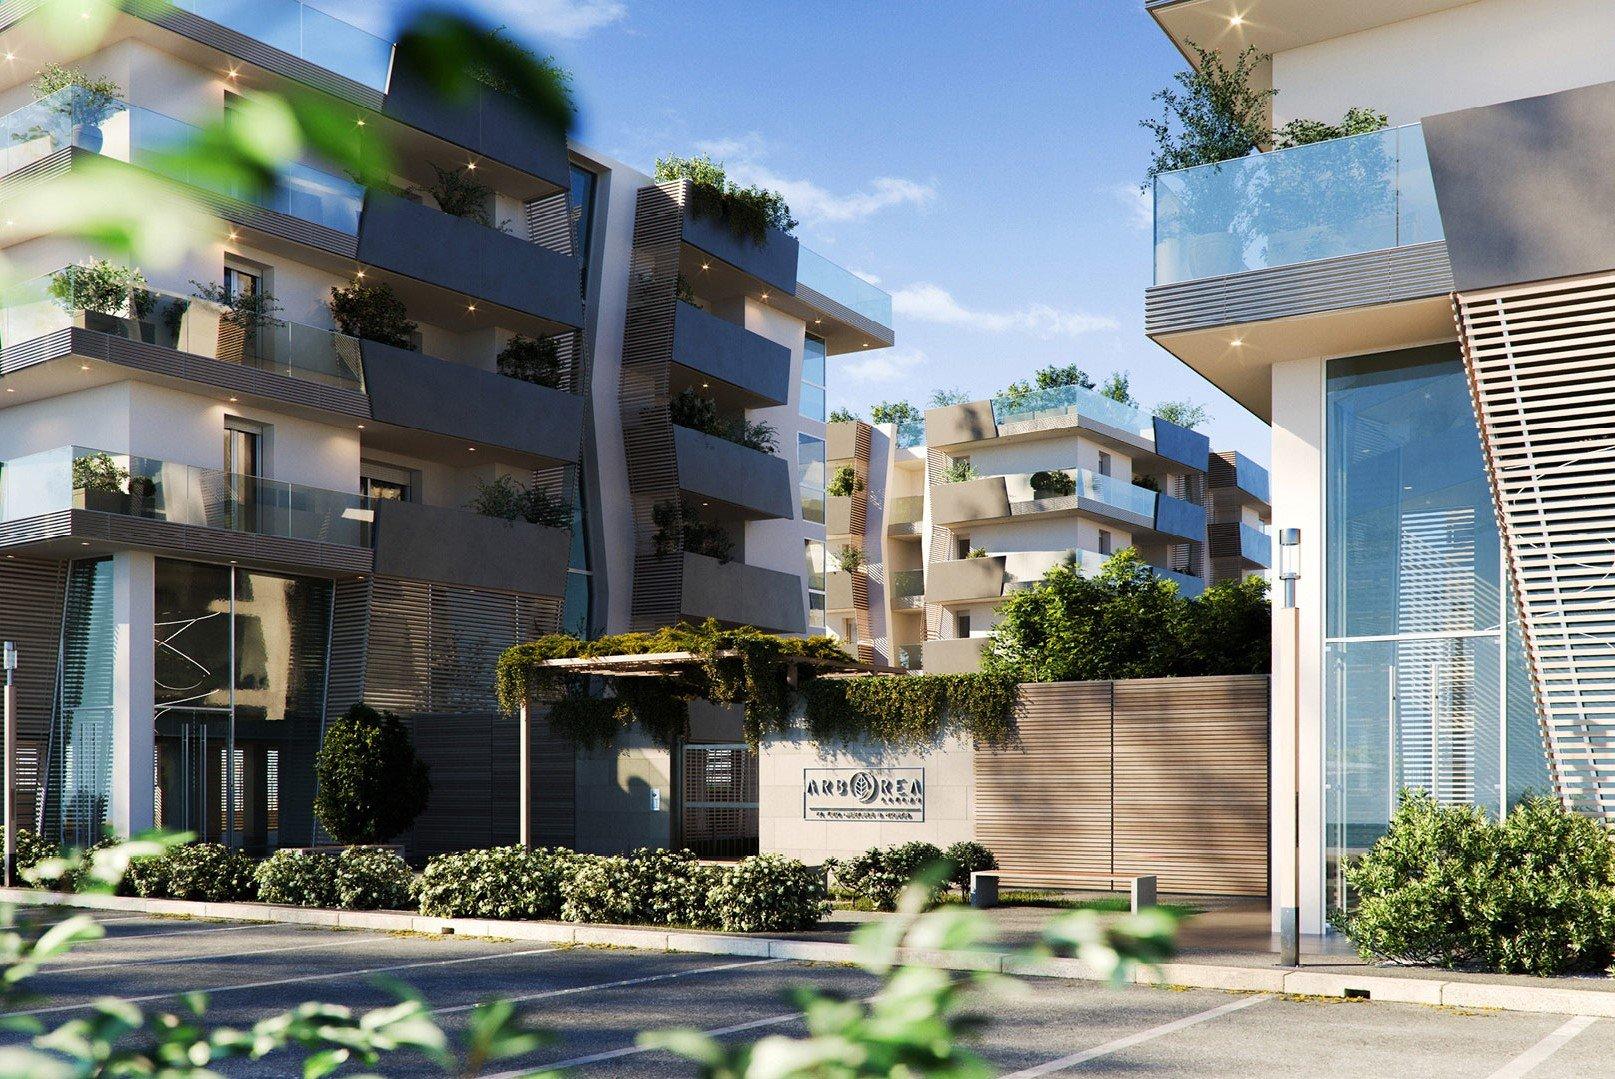 Arborea: una nuova rigenerazione urbana a Monza